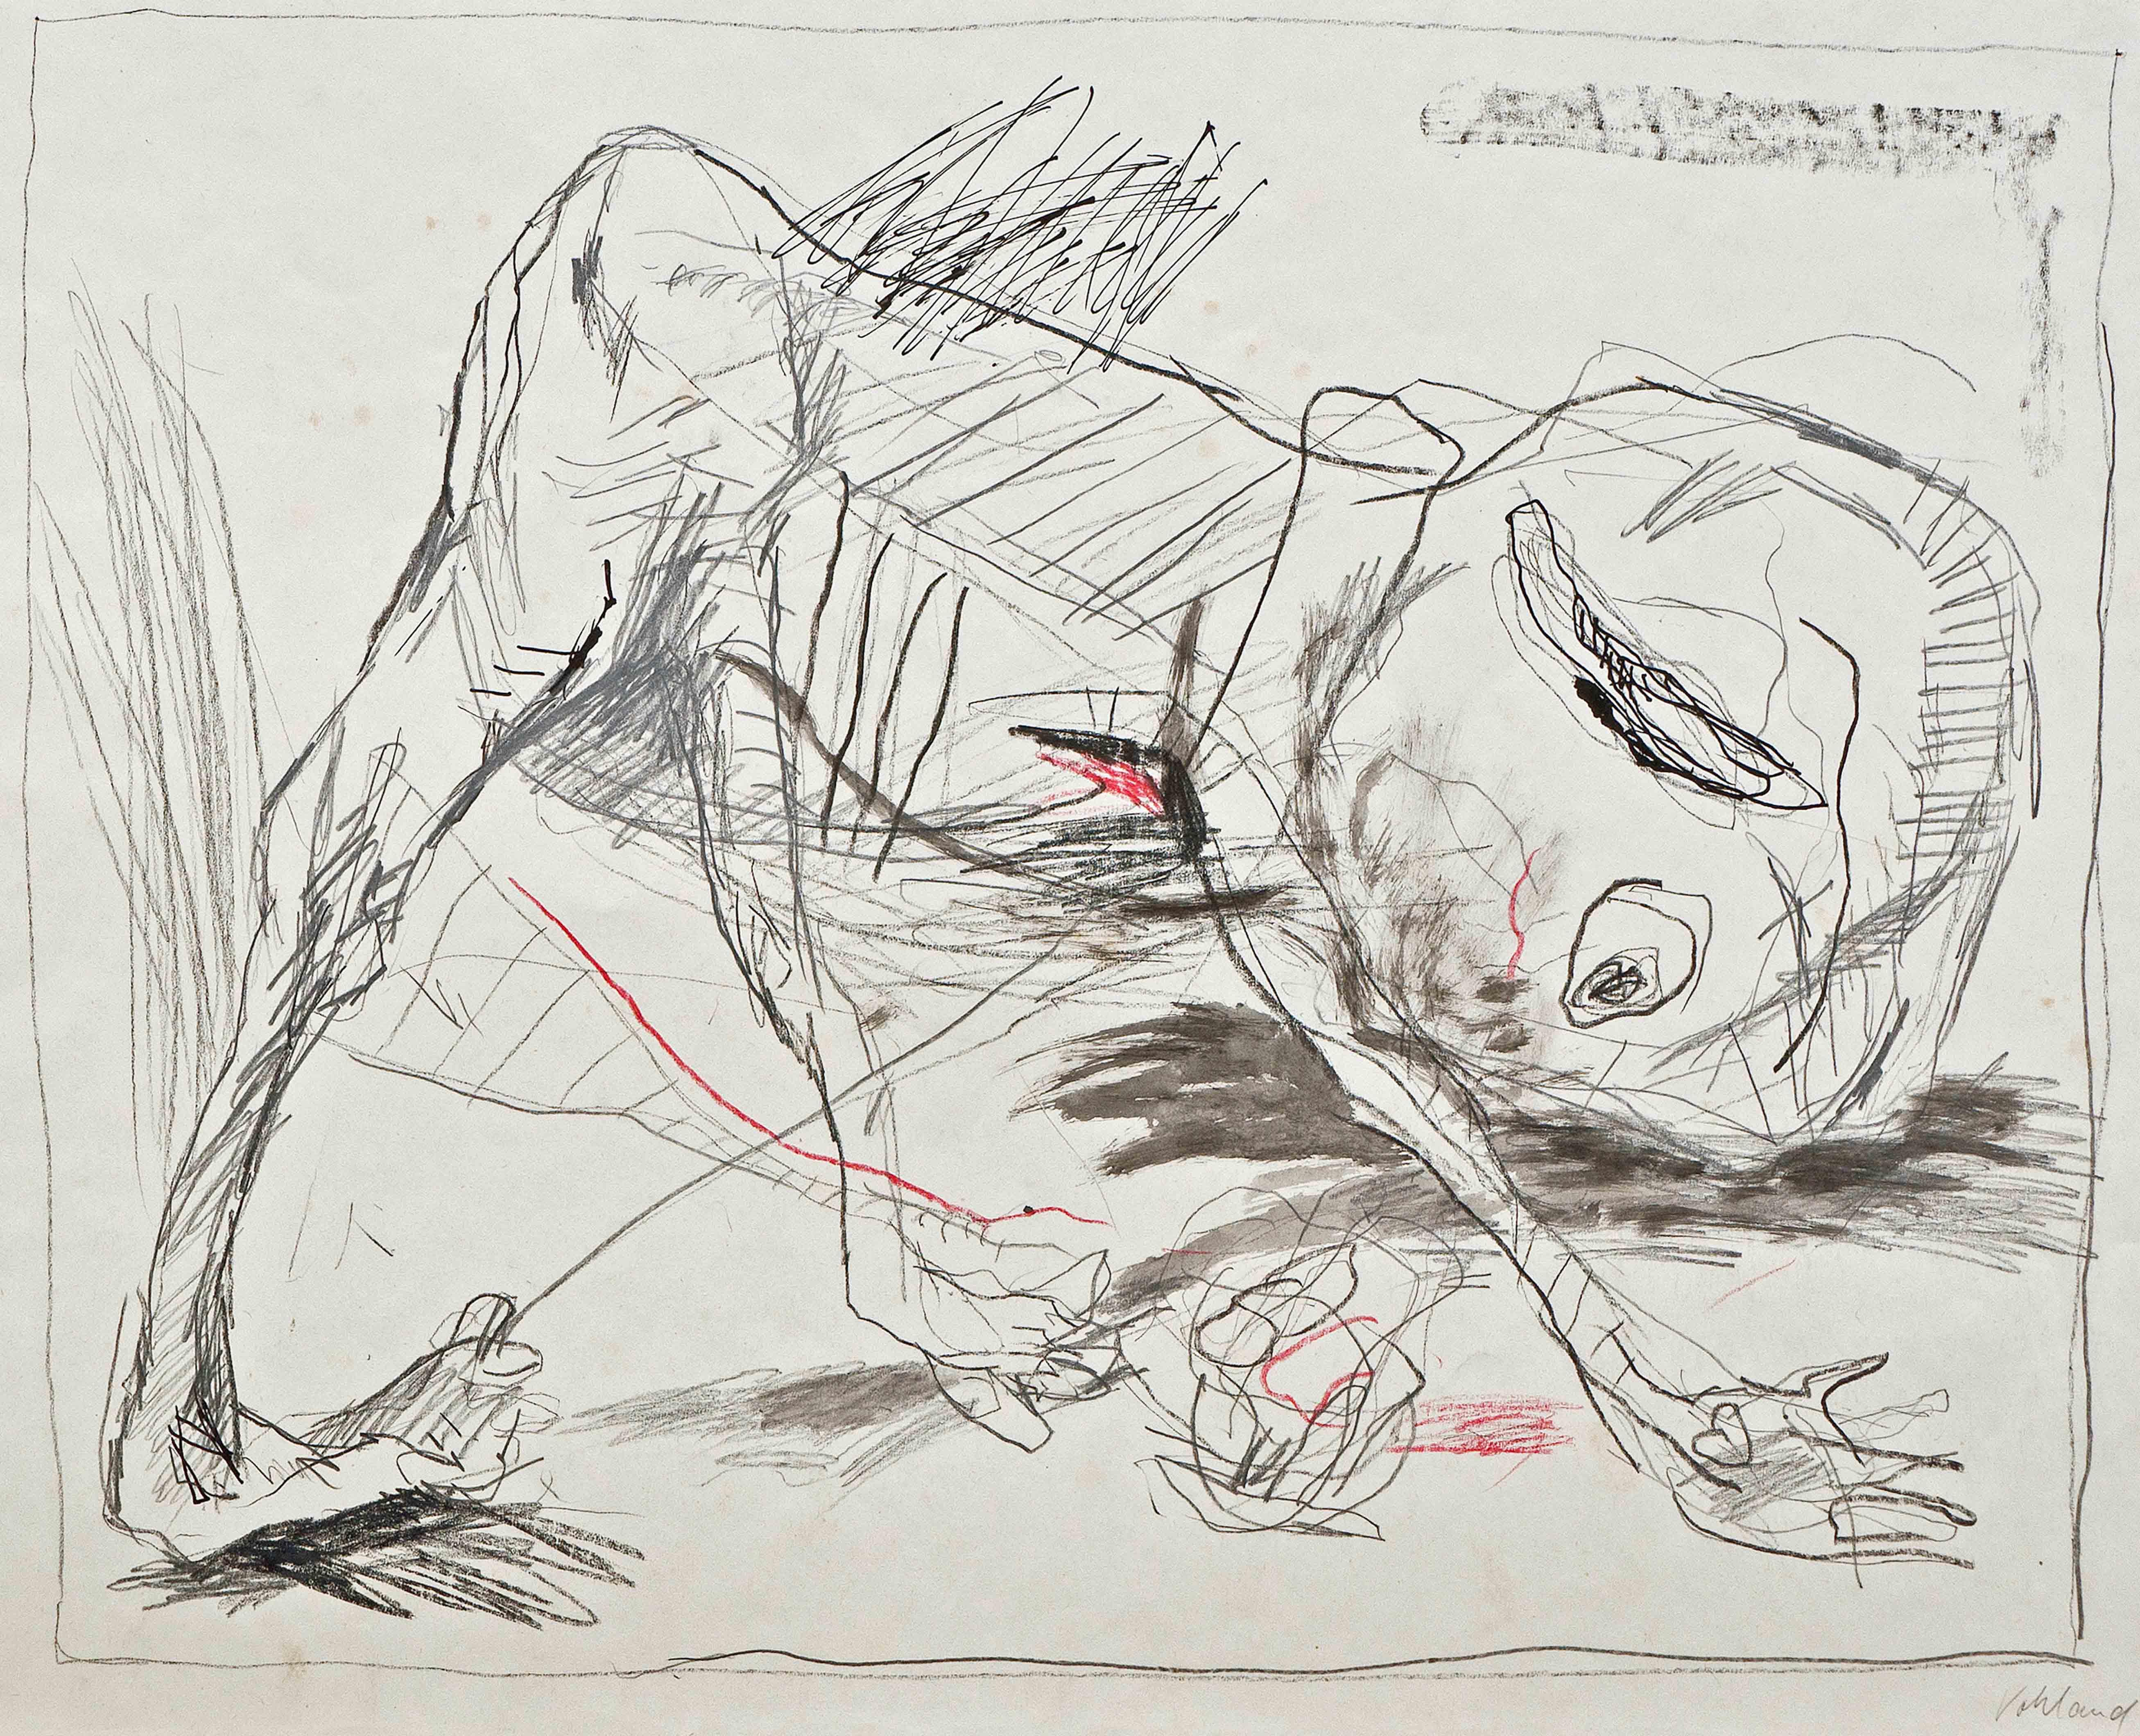 Petra Vohland, 0hne Titel, 1988, Graphit/Tusche/Gouache, 42 x 60 cm, Foto: Hans Strehlow